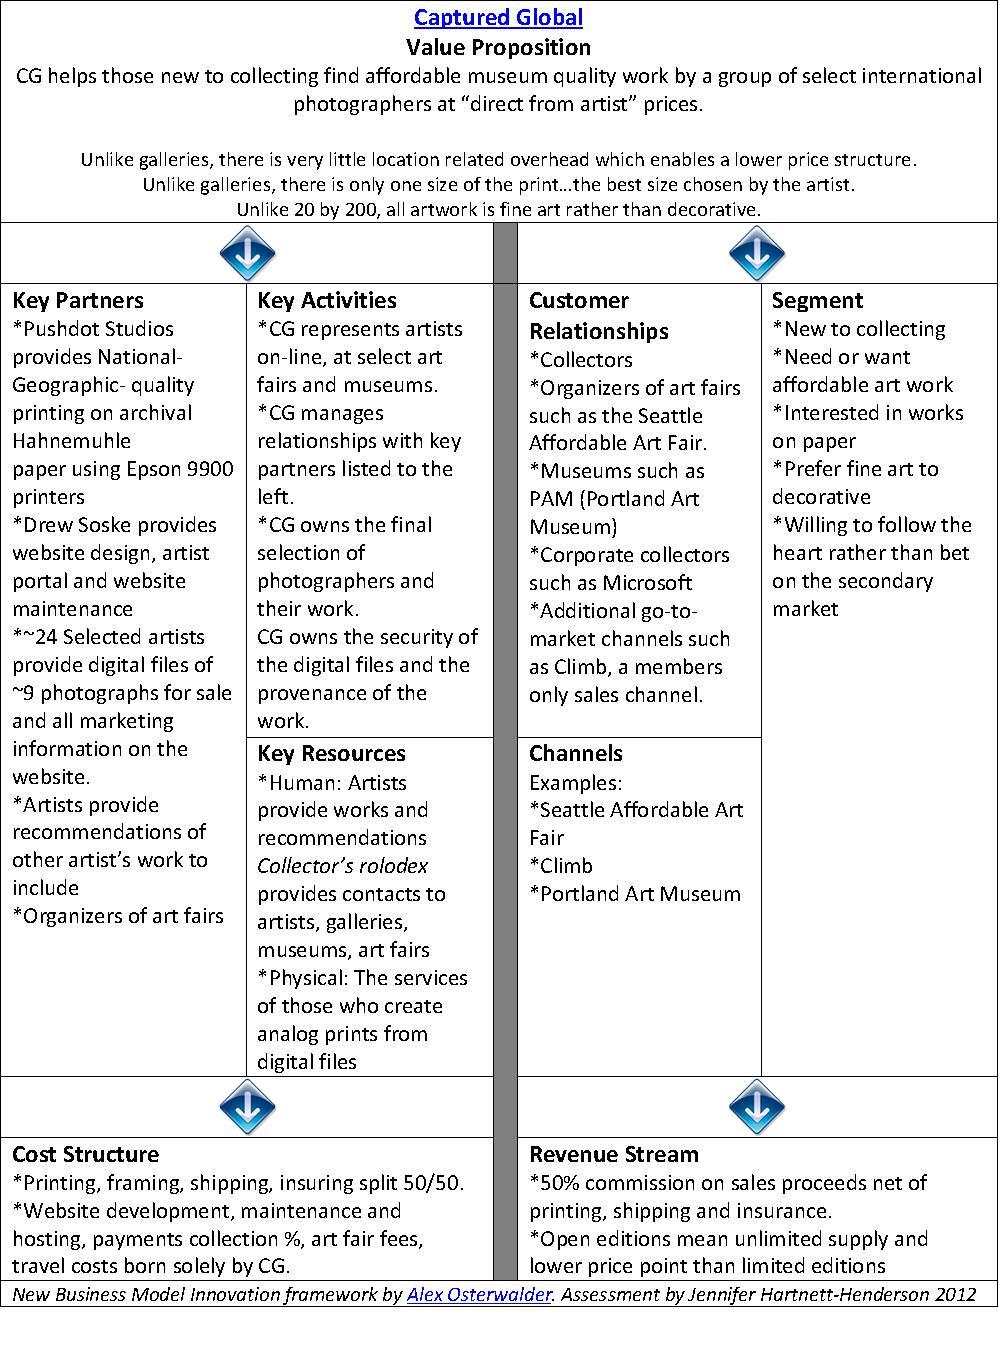 New business models for photography jennifer hartnett henderson captured global business model innovation assessment flashek Images